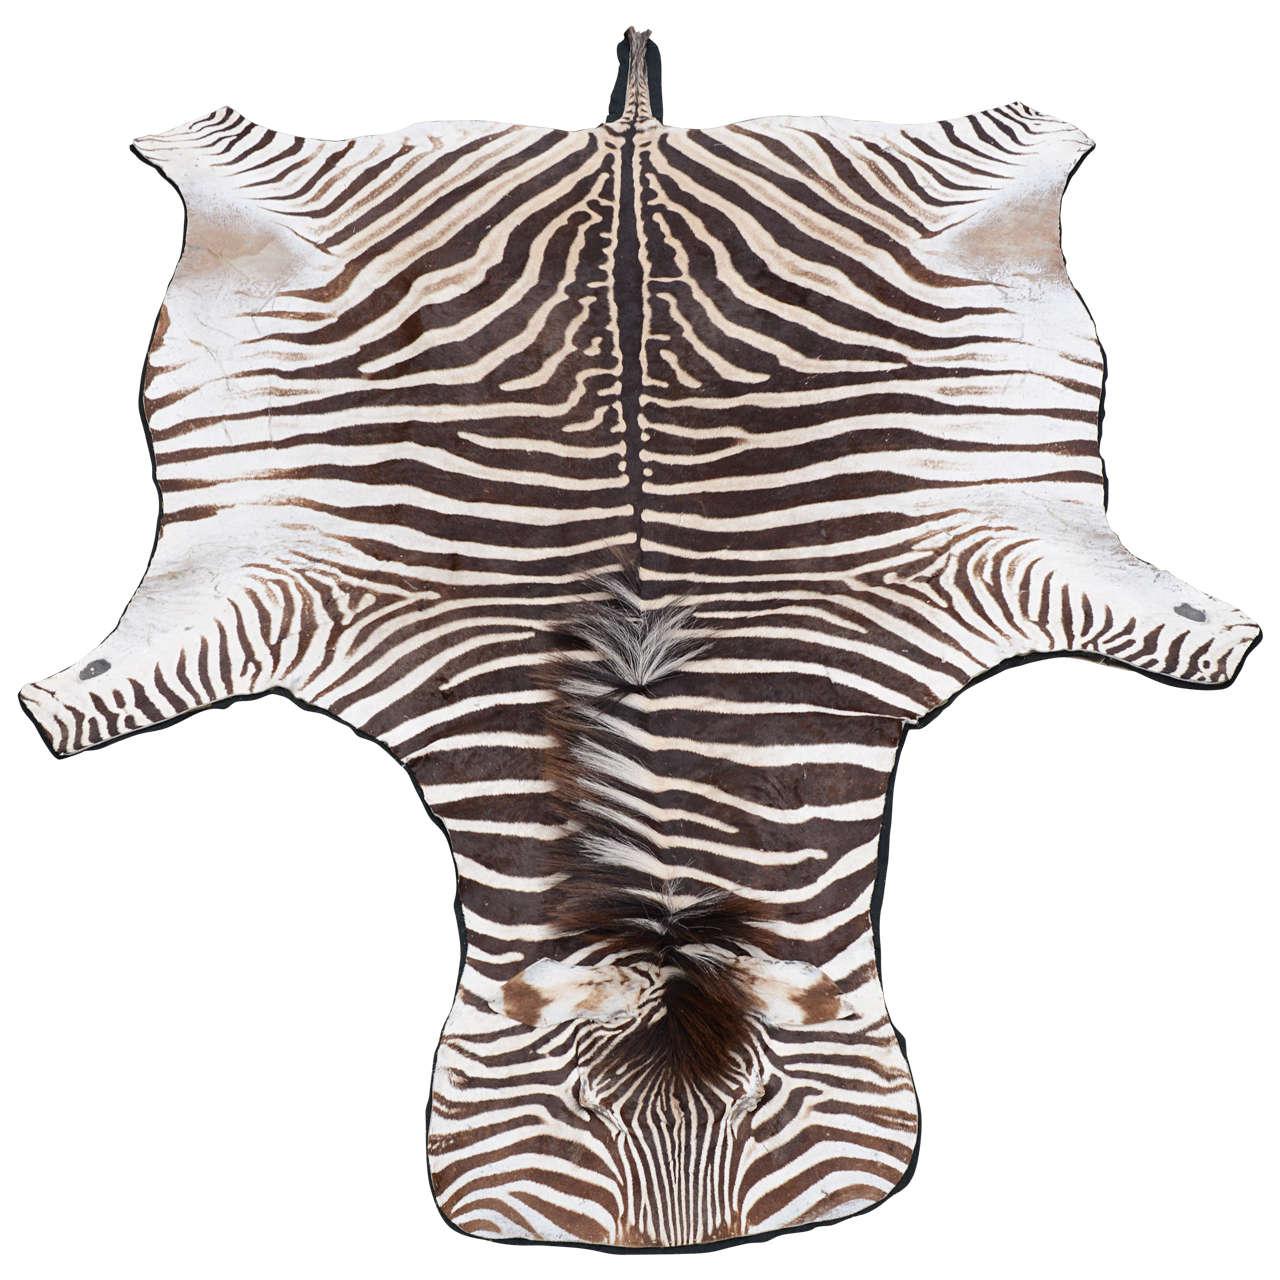 Vintage Zebra Skin Rug With Black Felt Backing At 1stdibs